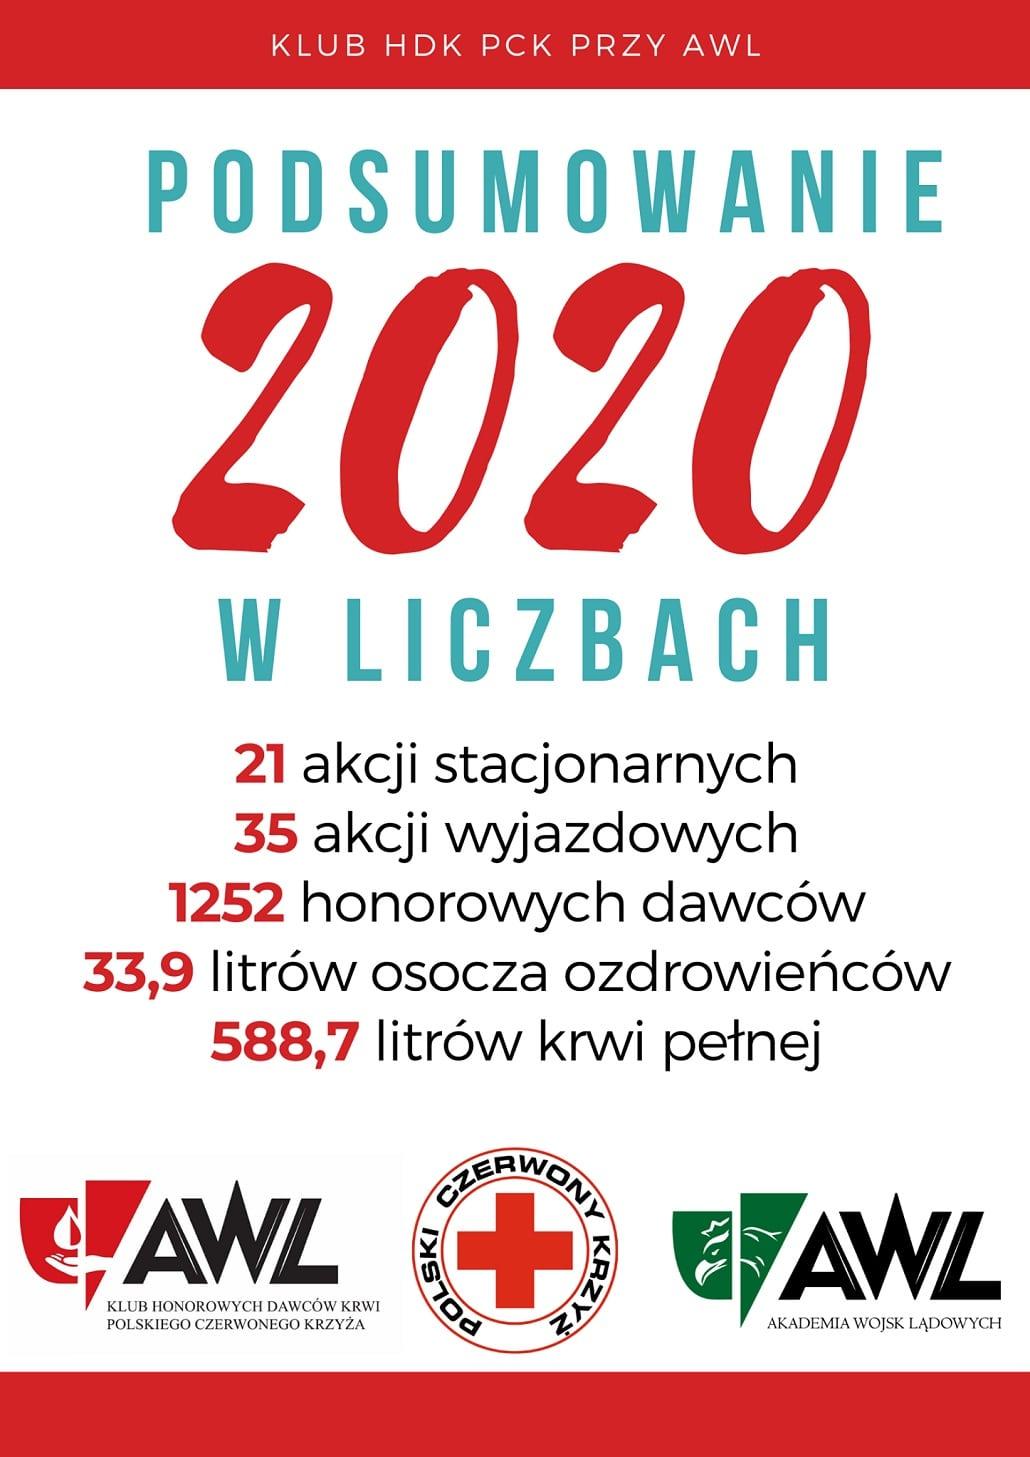 HDK PCK przy AWL - podsumowanie 2020